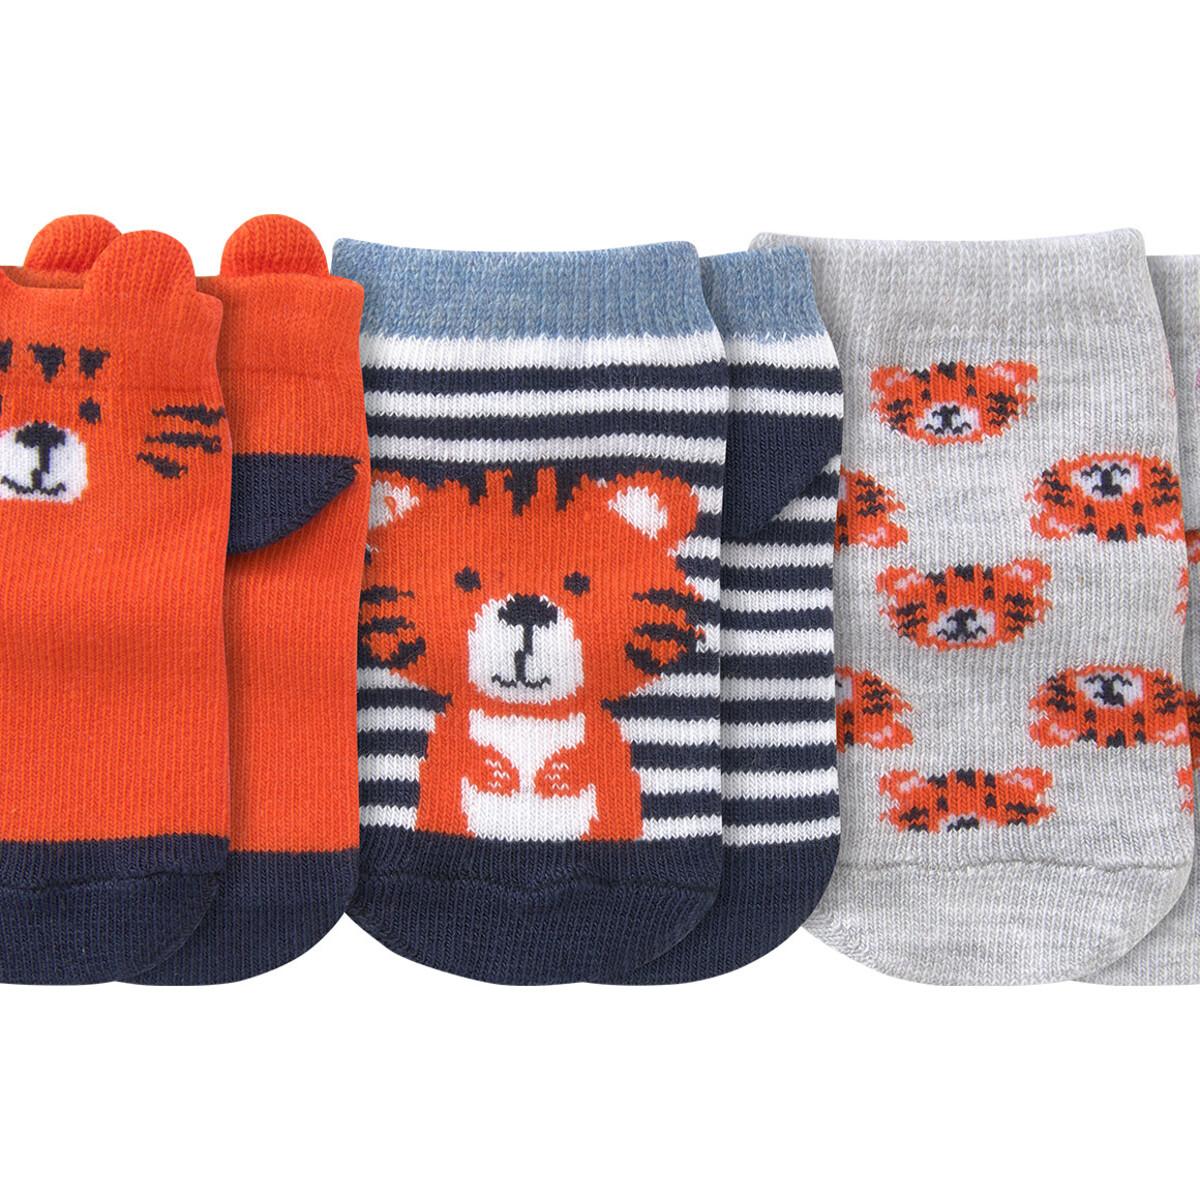 Bild 2 von 3 Paar Baby Sneaker-Socken mit Tiger-Motiv